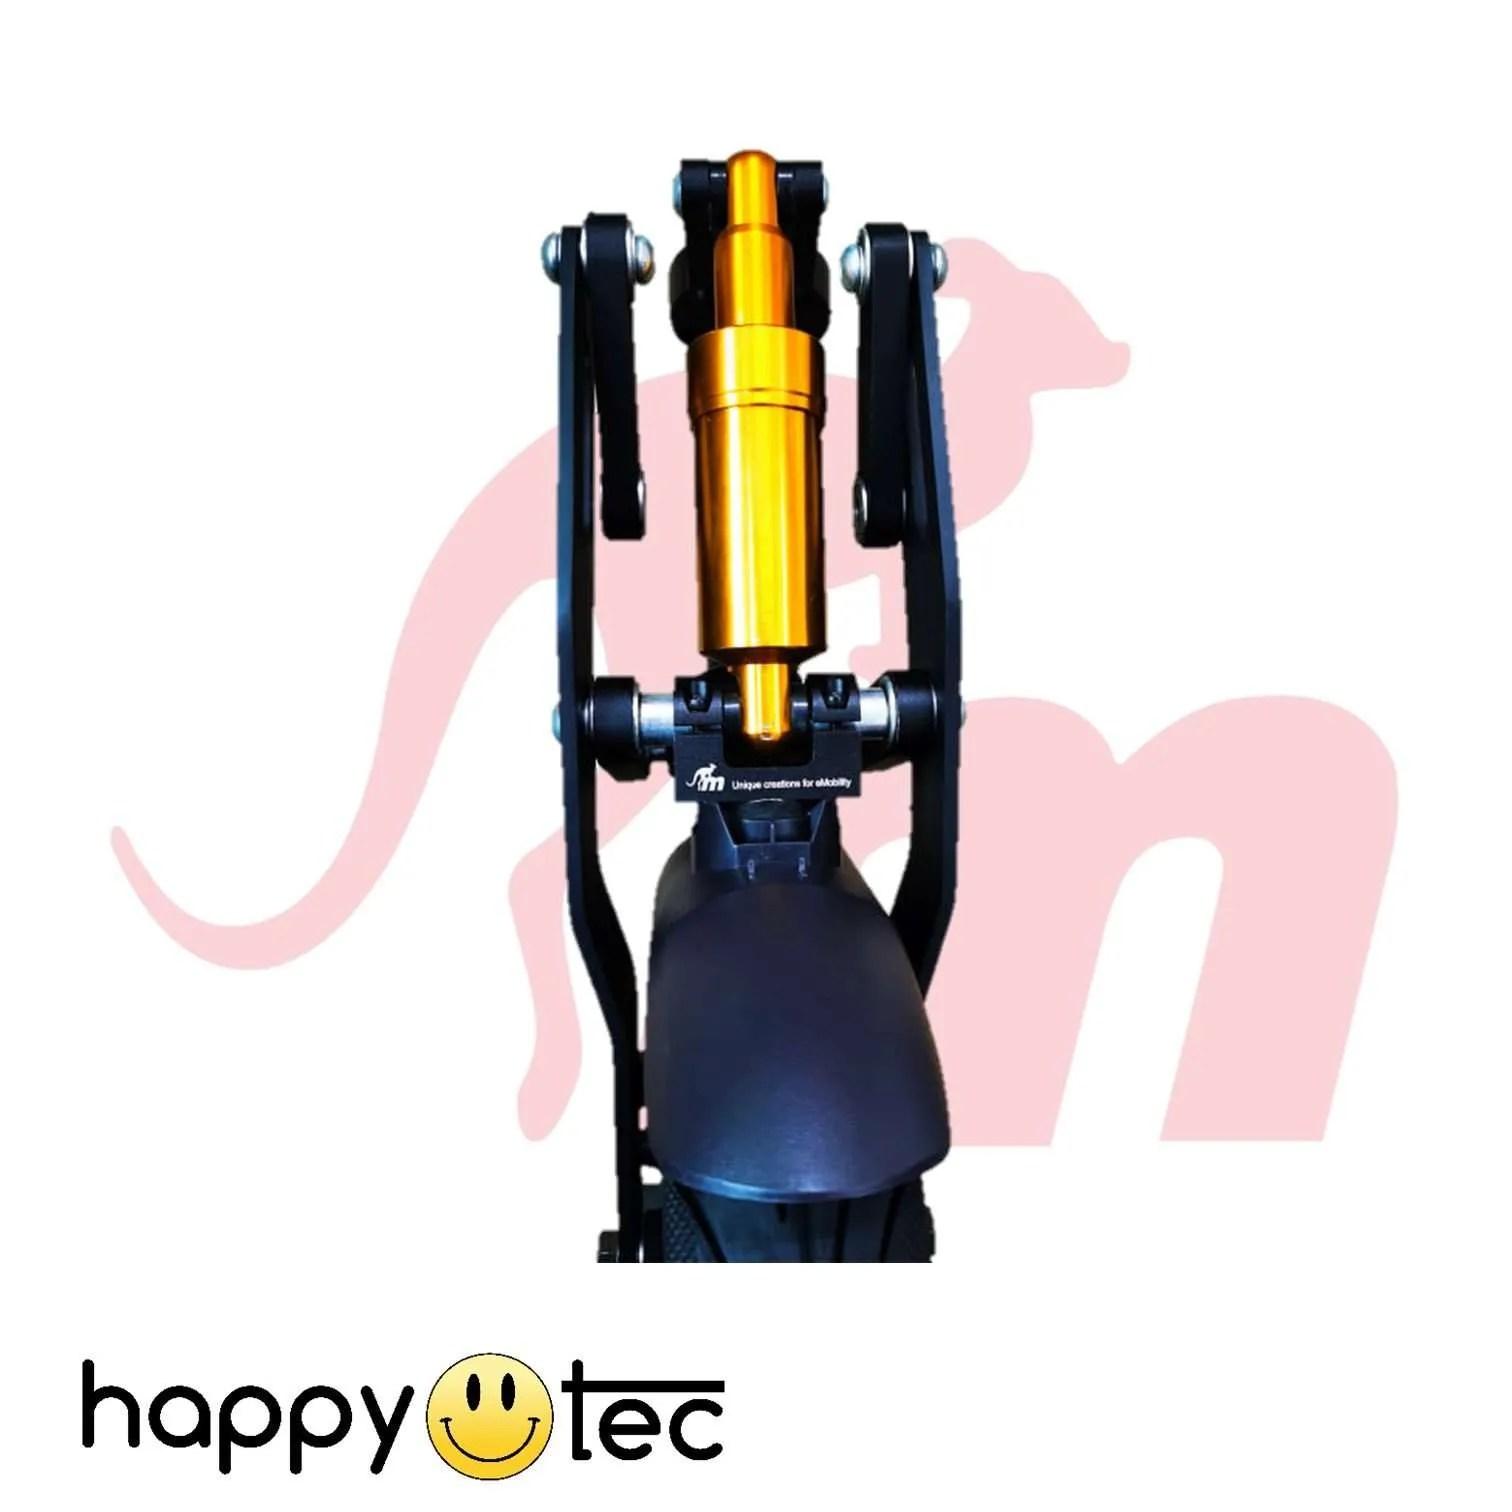 Ninebot-G30-Max-Ammortizzatore-anteriore-V3-by-Monorim-Nero-e-oro ricambi accessori riparazione assistenza tecnica monopattini elettrici monorim